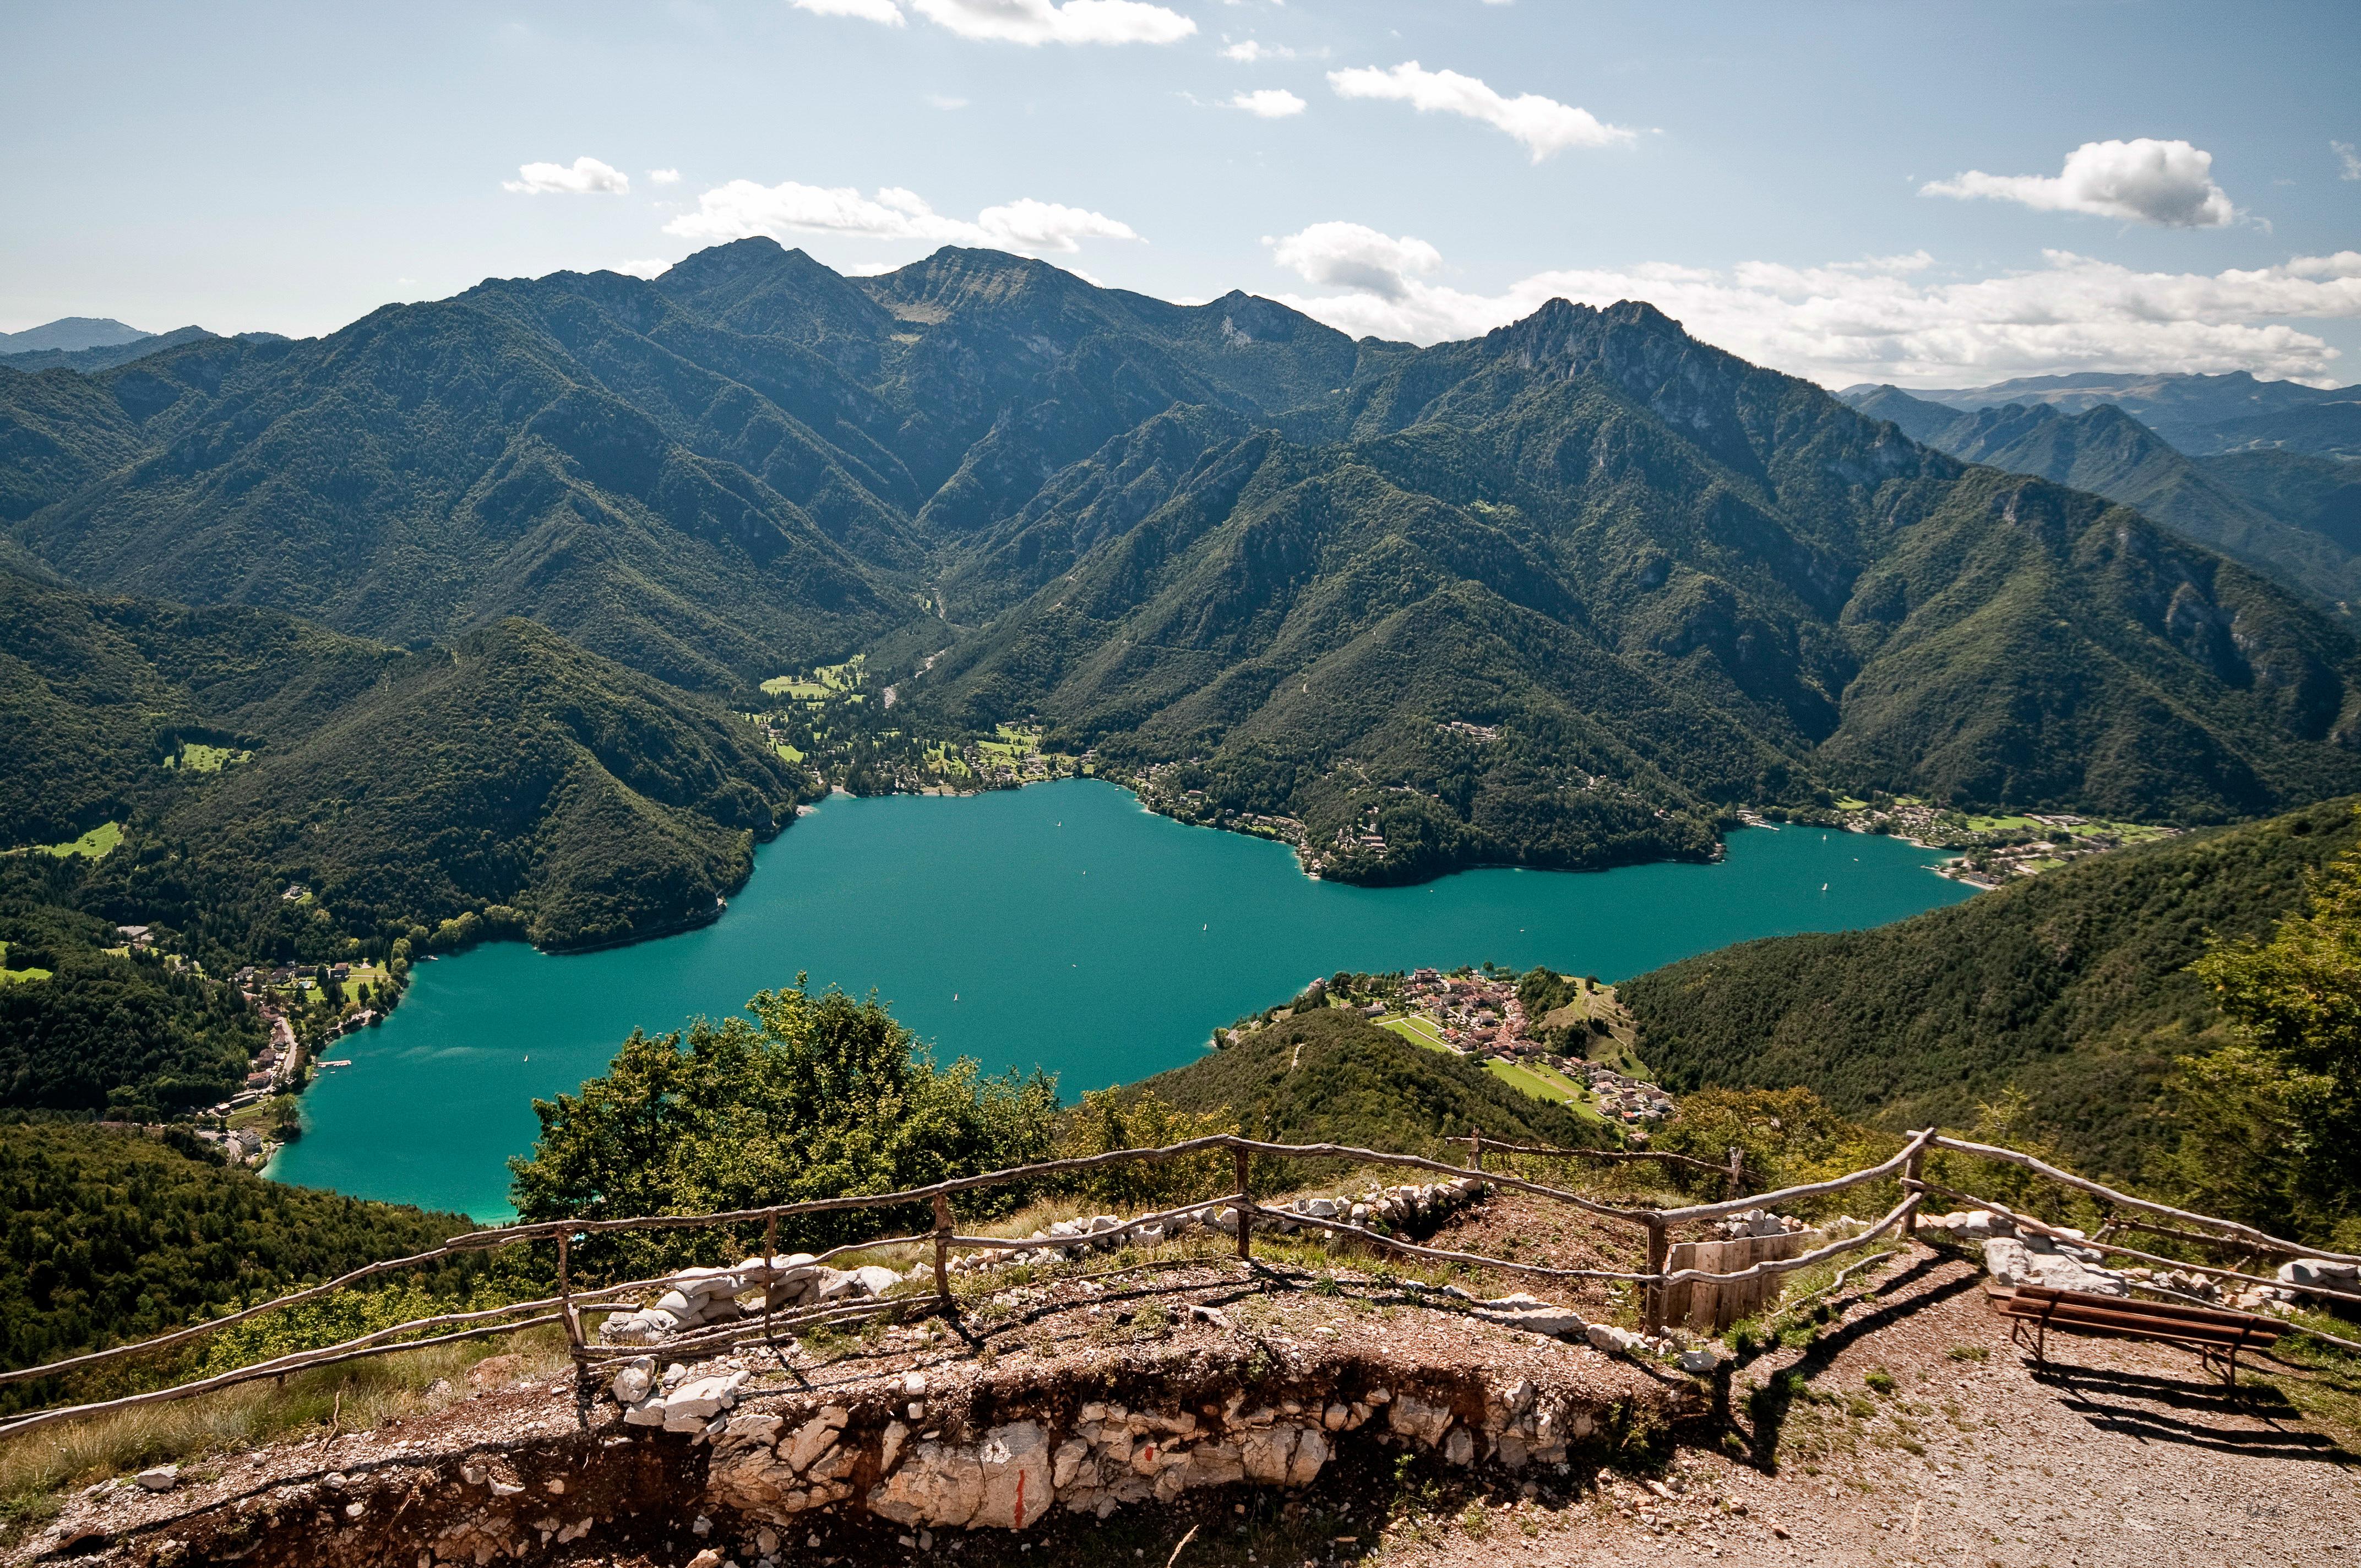 Blick vom Aussichtspunkt Belvedere © Fabrizio Novali